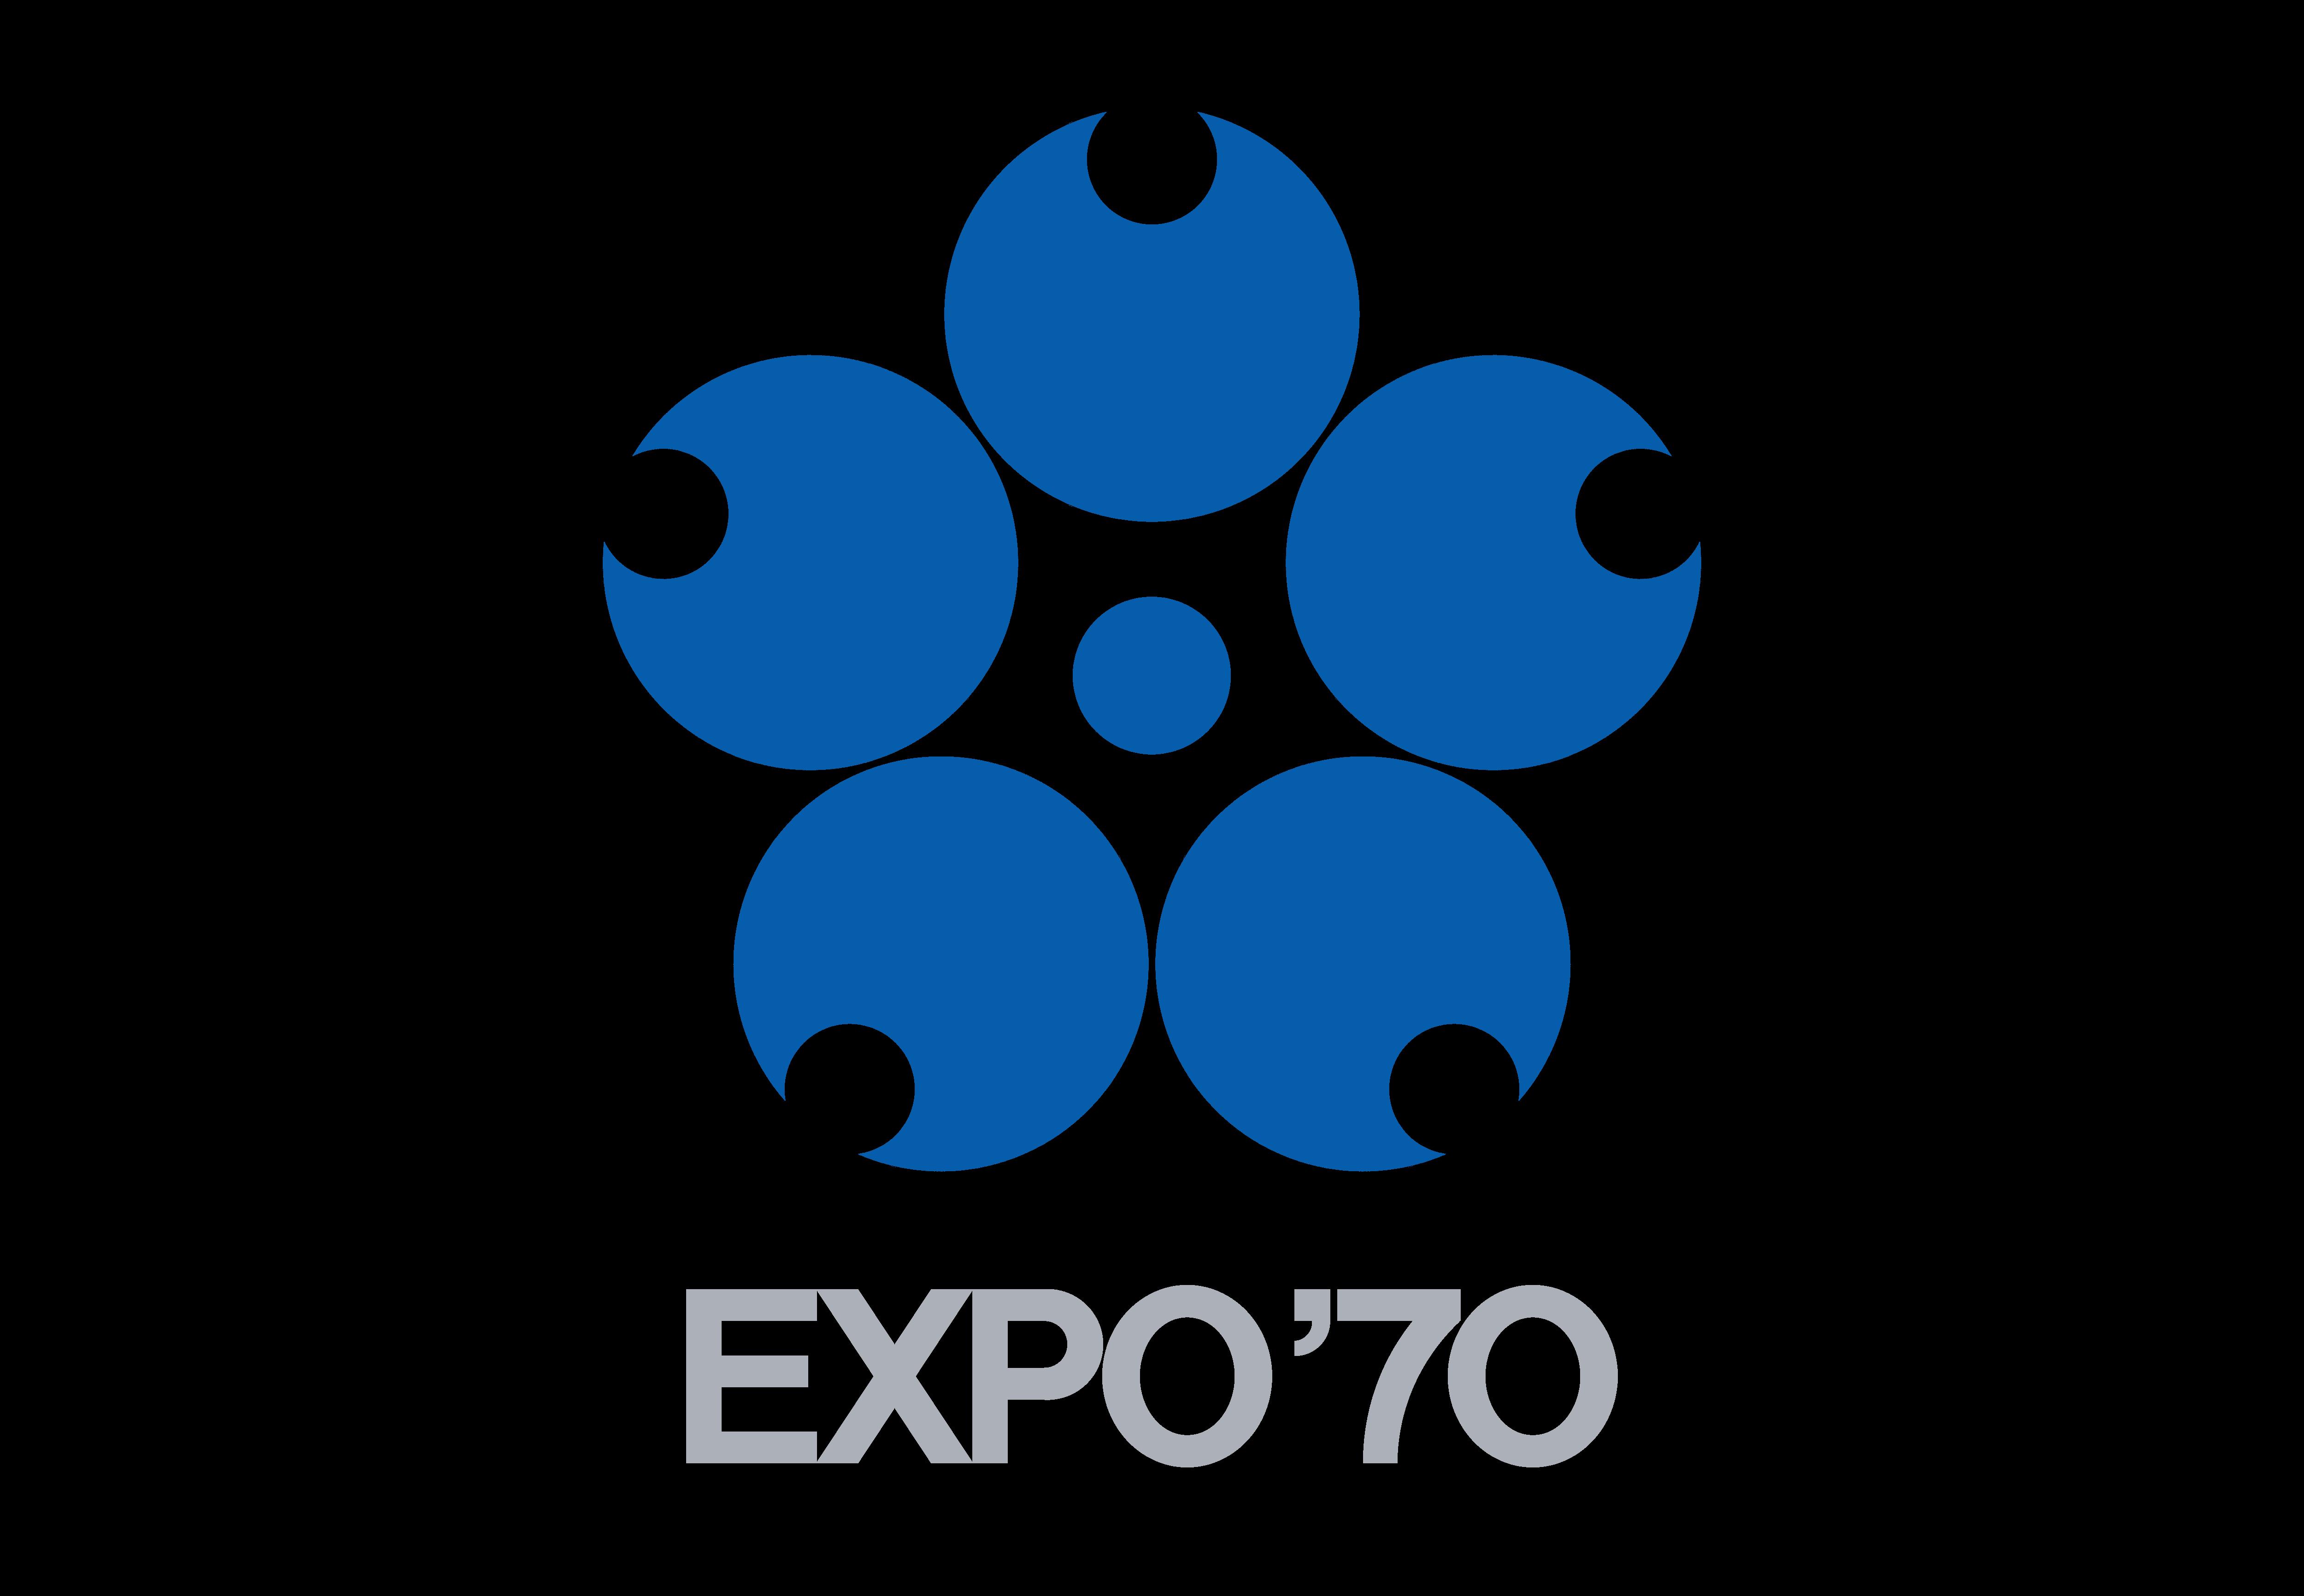 Logo expo 1970